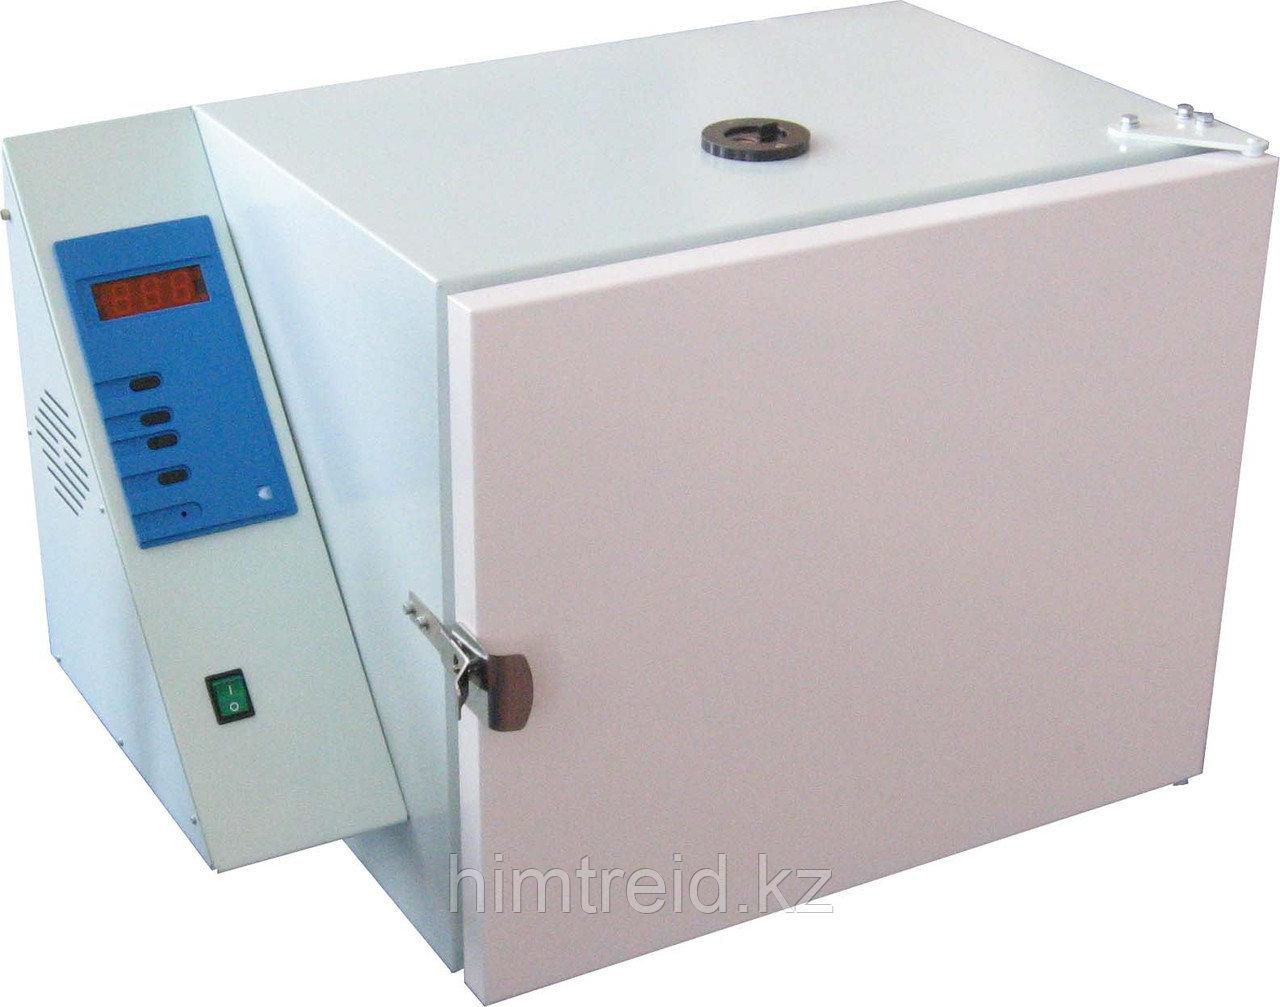 Шкаф сушильный ШСвЛ-80  с Завода